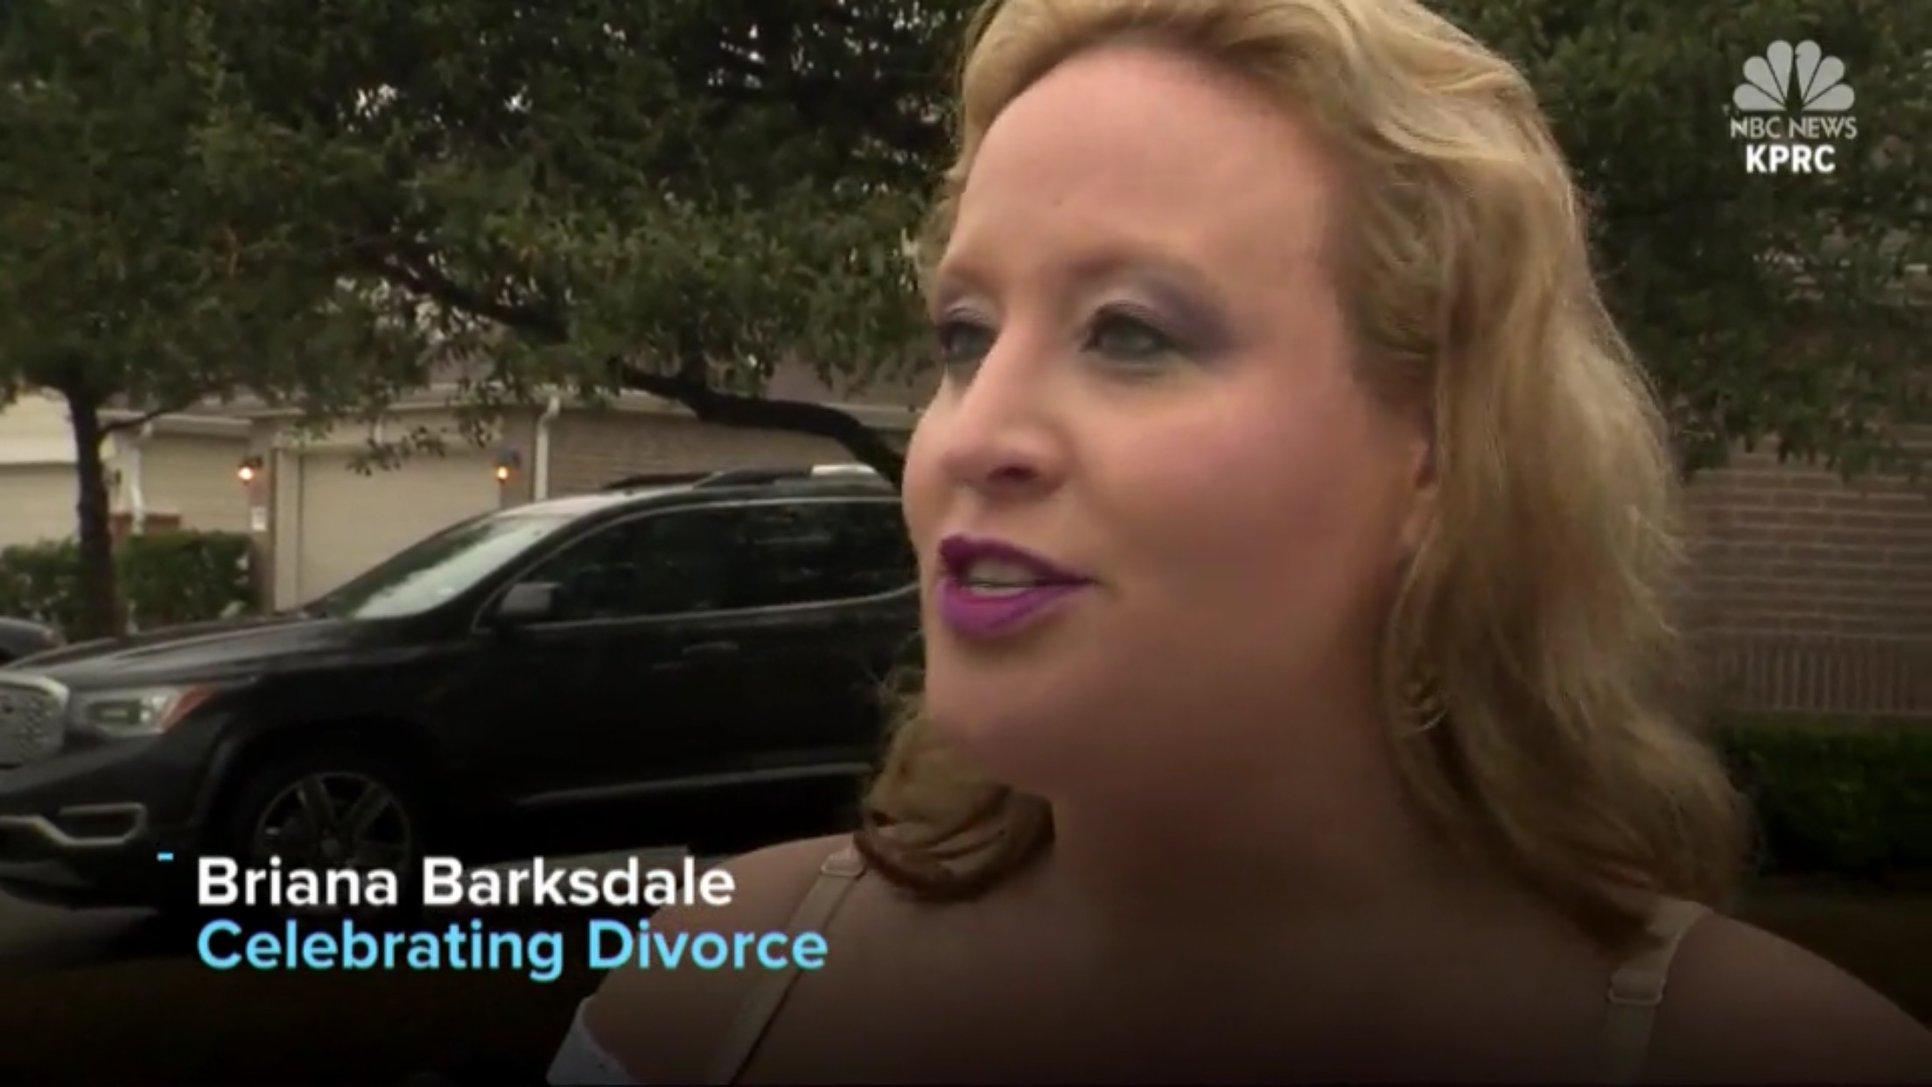 Briana Barksdale: Celebrating Divorce